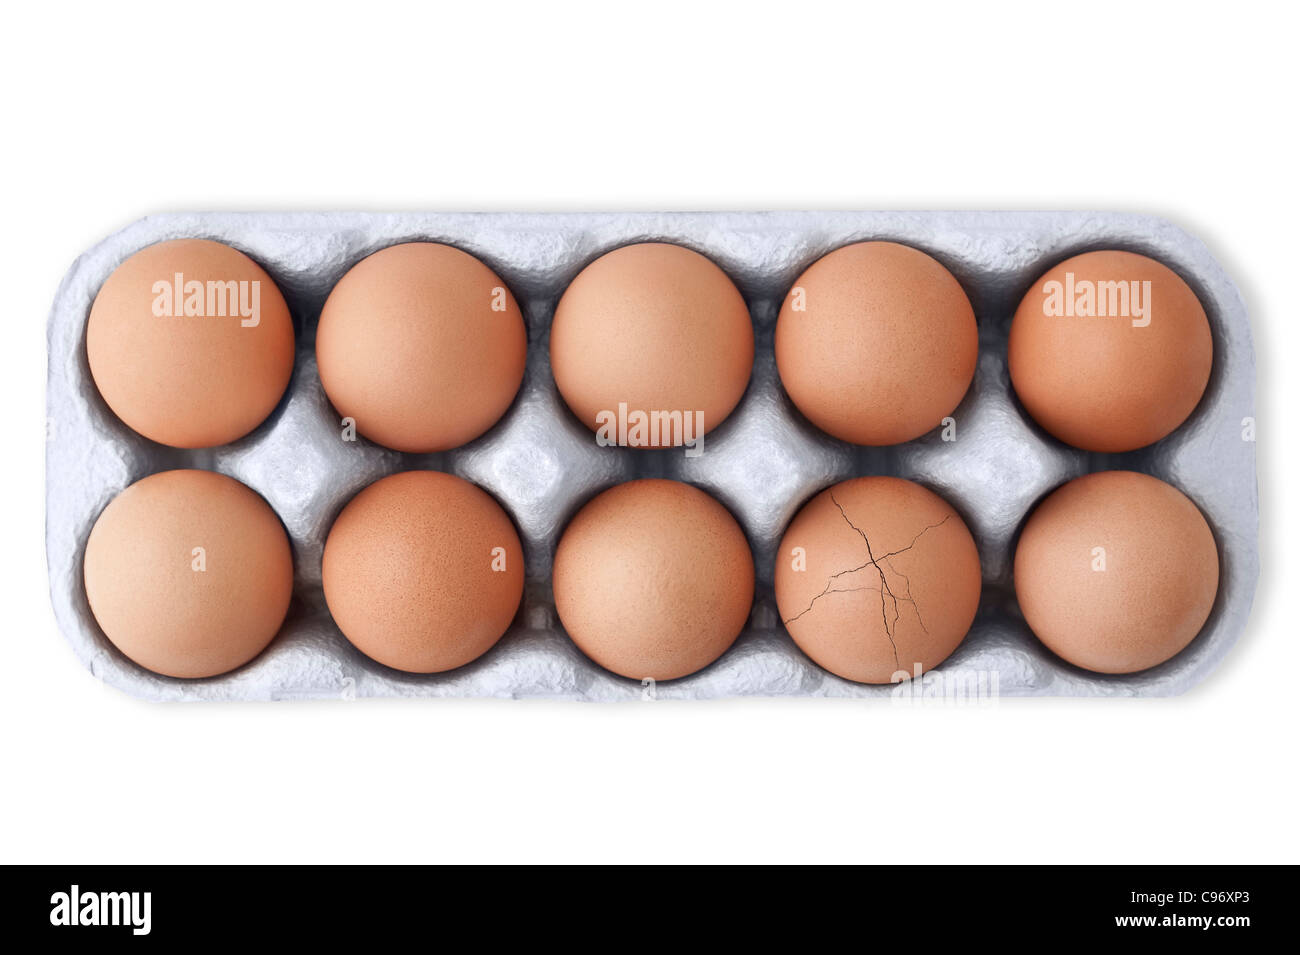 Scatola di dieci uova con un uovo rotto su sfondo bianco. Intaglio Immagini Stock